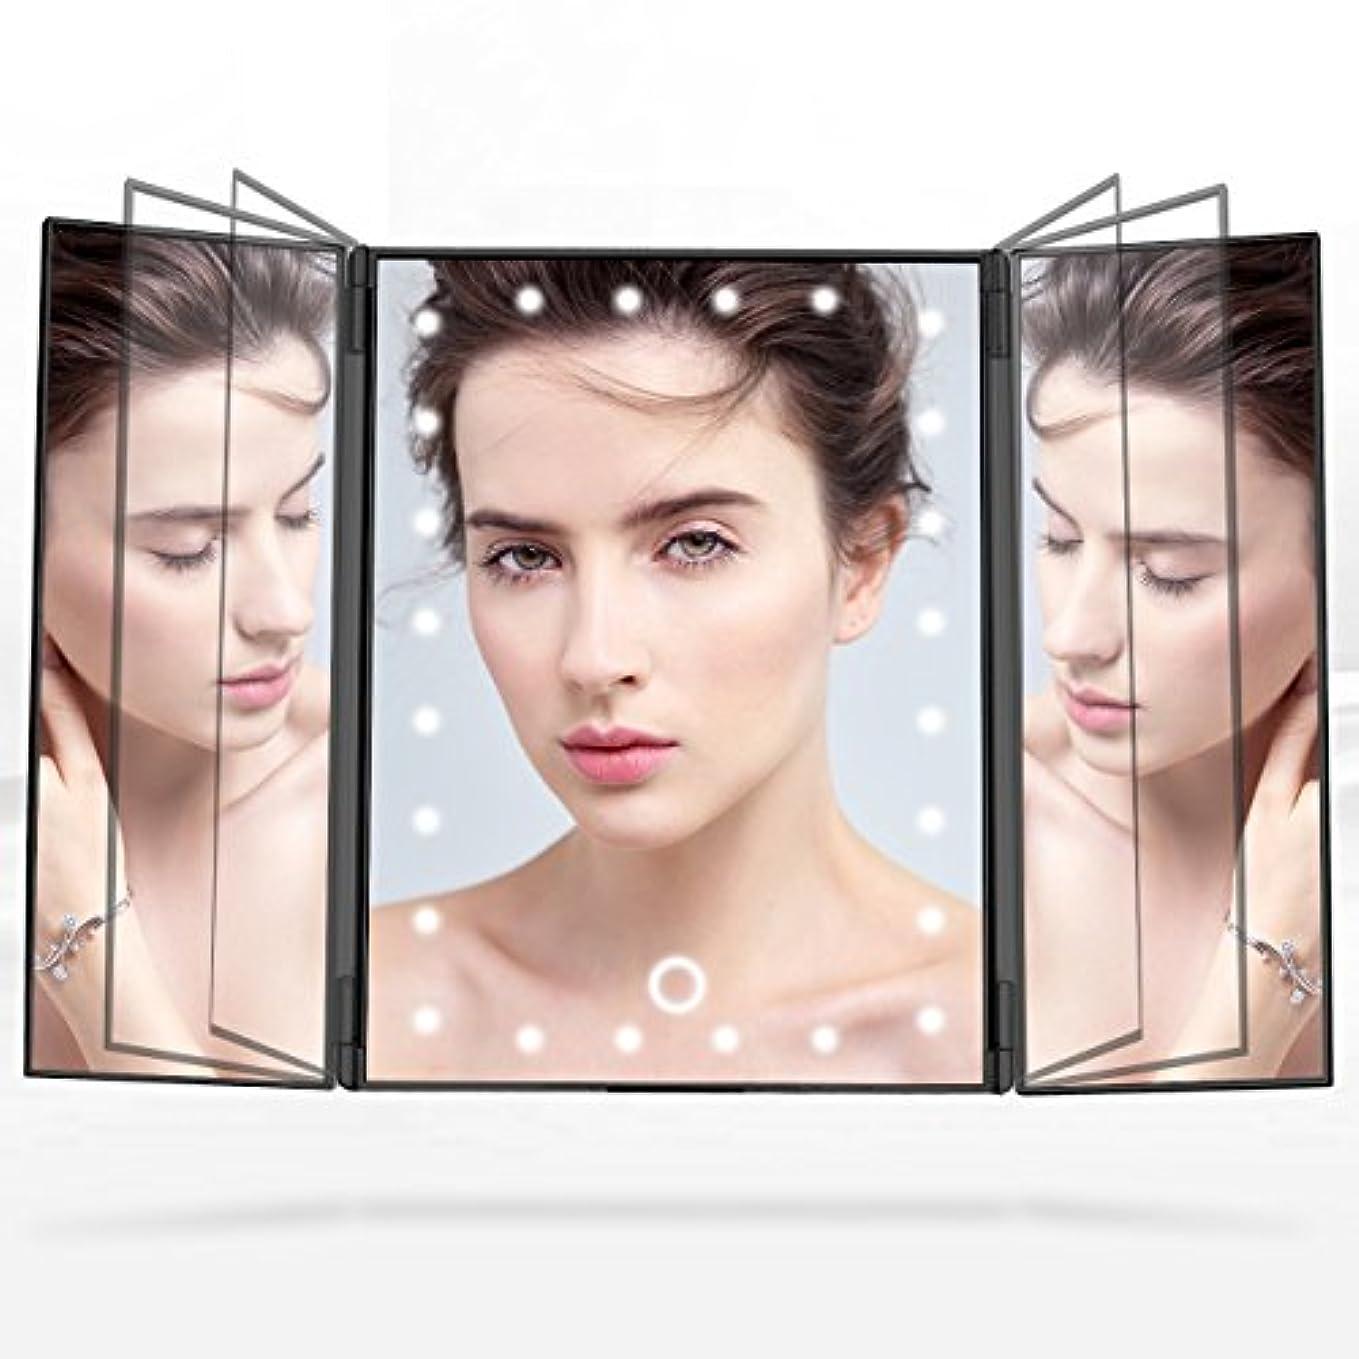 乱す専門化する追い出すTelustyle 化粧鏡 卓上ミラー三面鏡 LED付き折りたたみ式 明るさ調整可能 ブラック